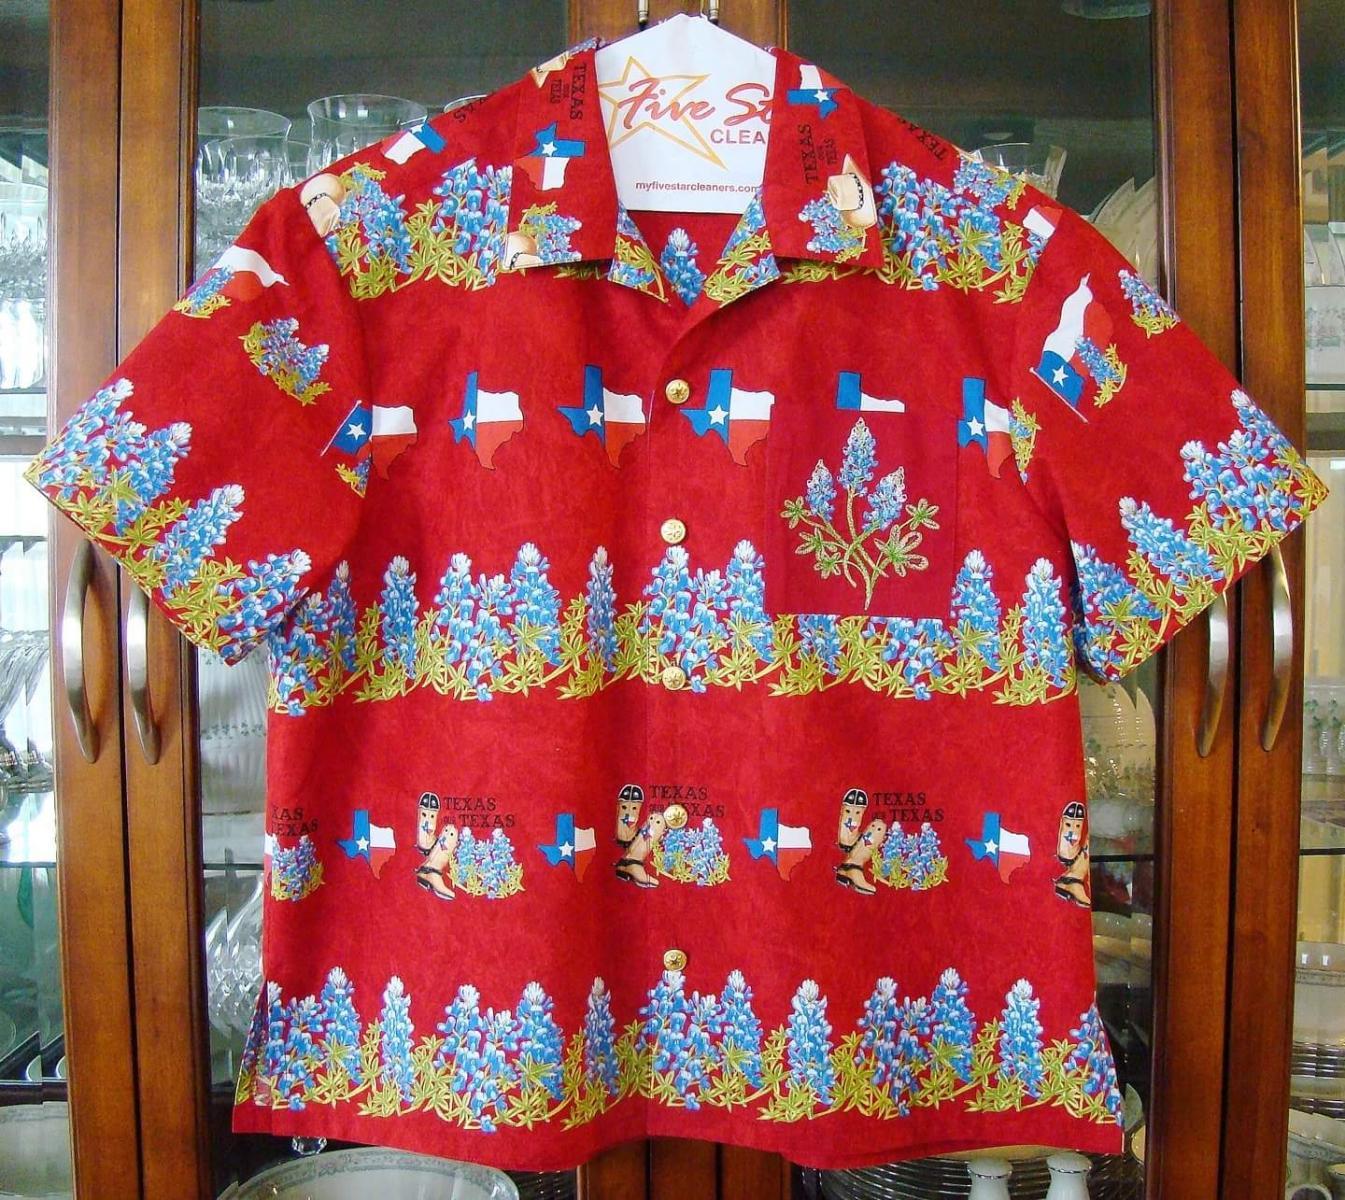 A TEXAS Twist on the Hawaiian Shirt